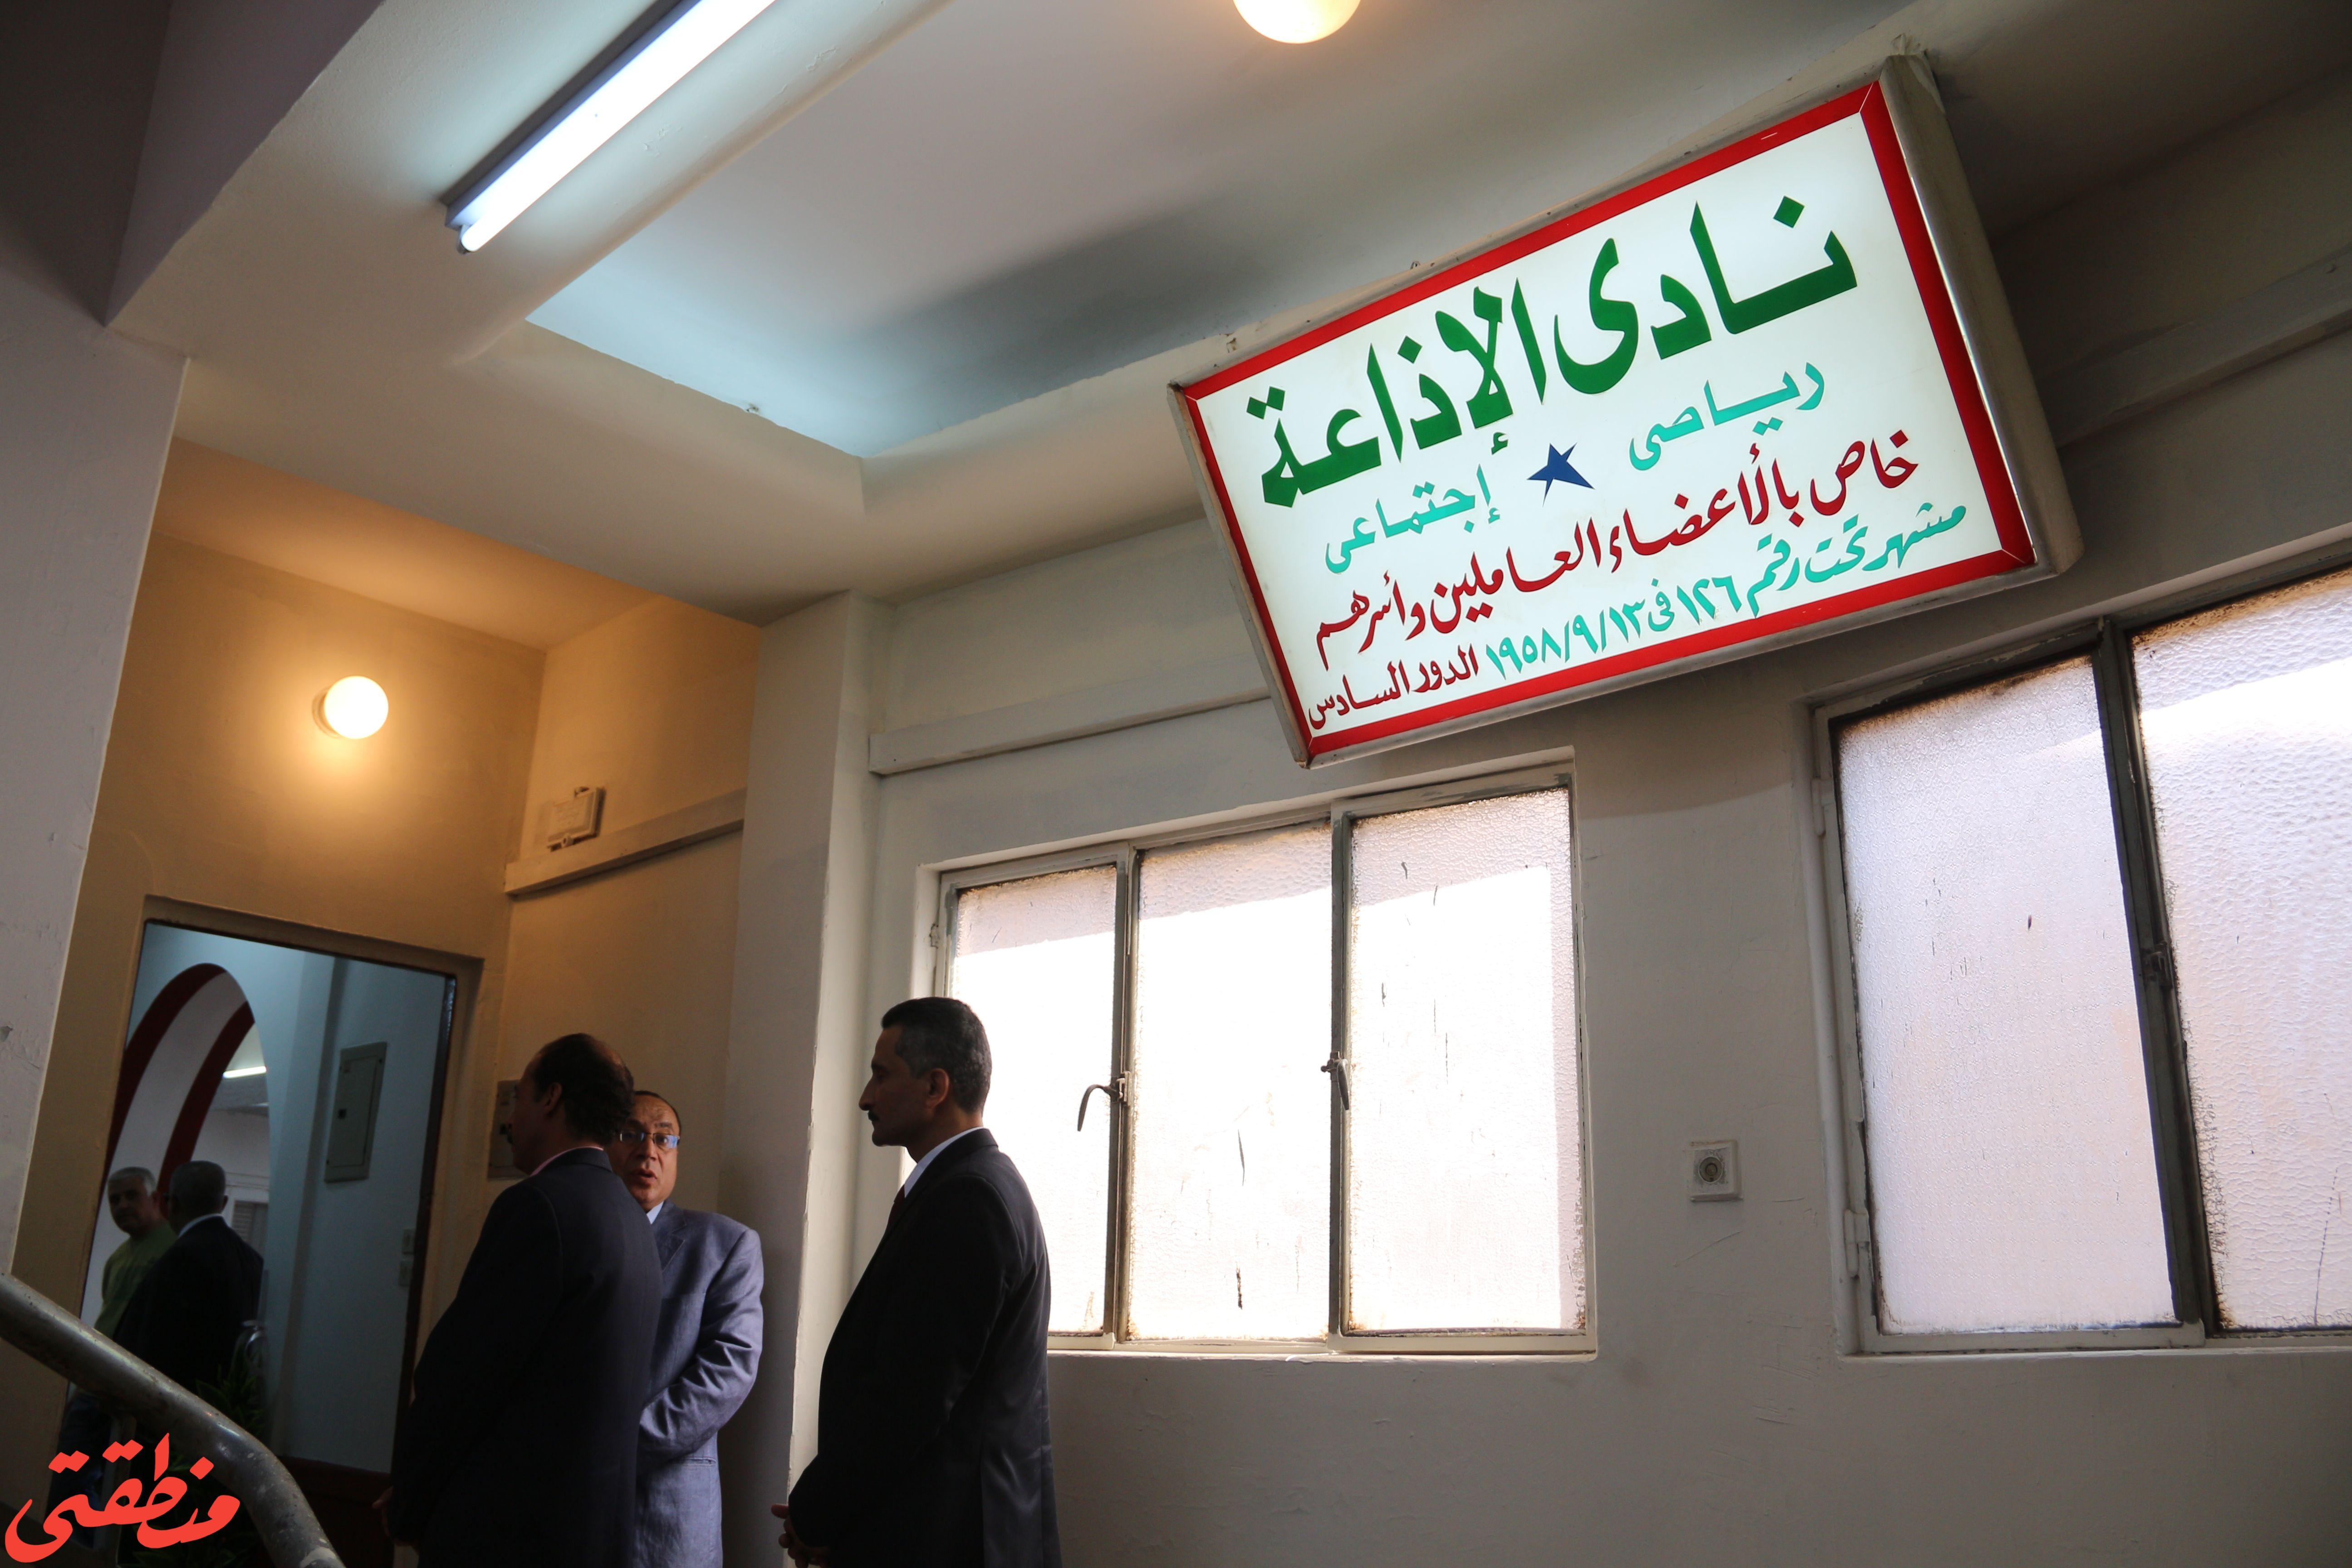 نادي الإذاعة بالقاهرة - تصوير صديق البخشونجي